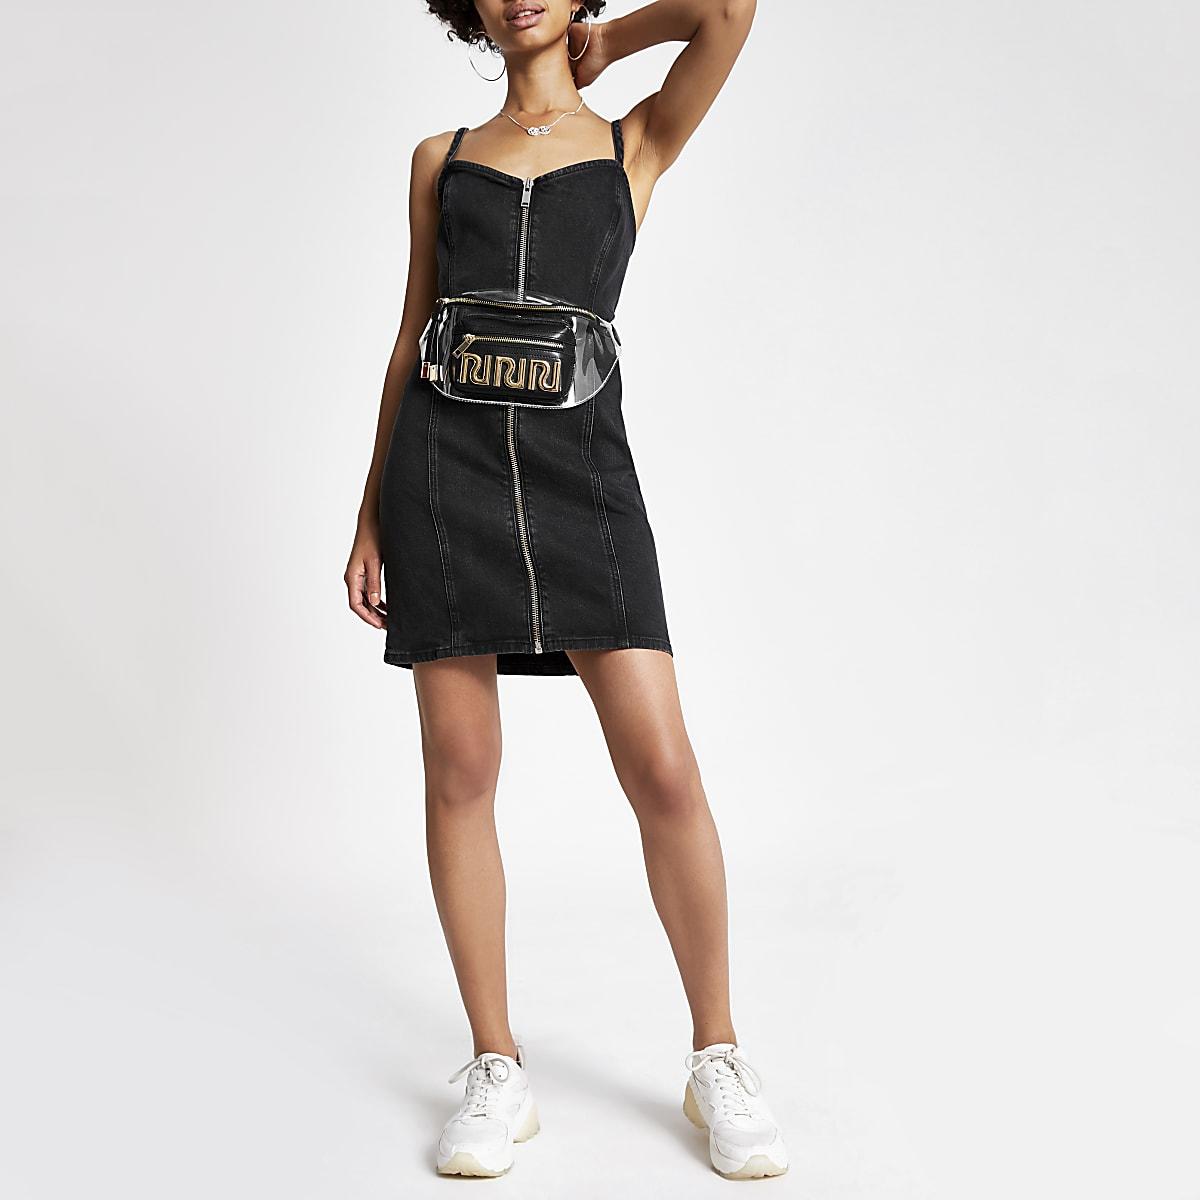 Schwarzes Jeans-Latzkleid mit Reißverschluss